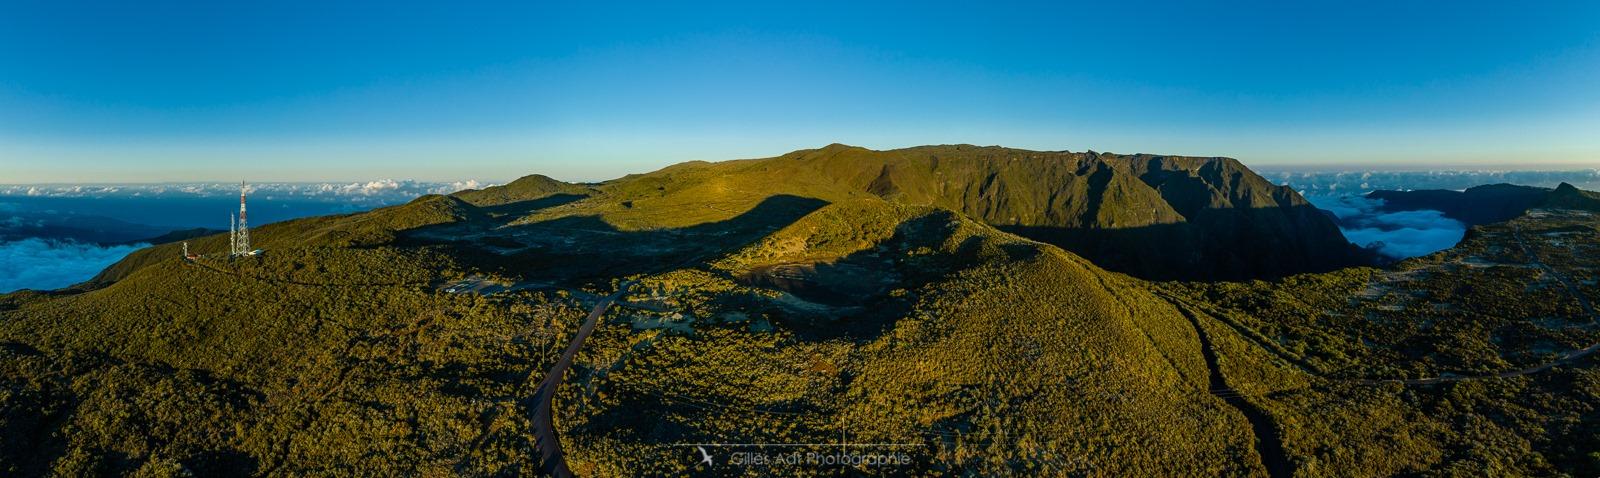 Île de la Réunion en drone